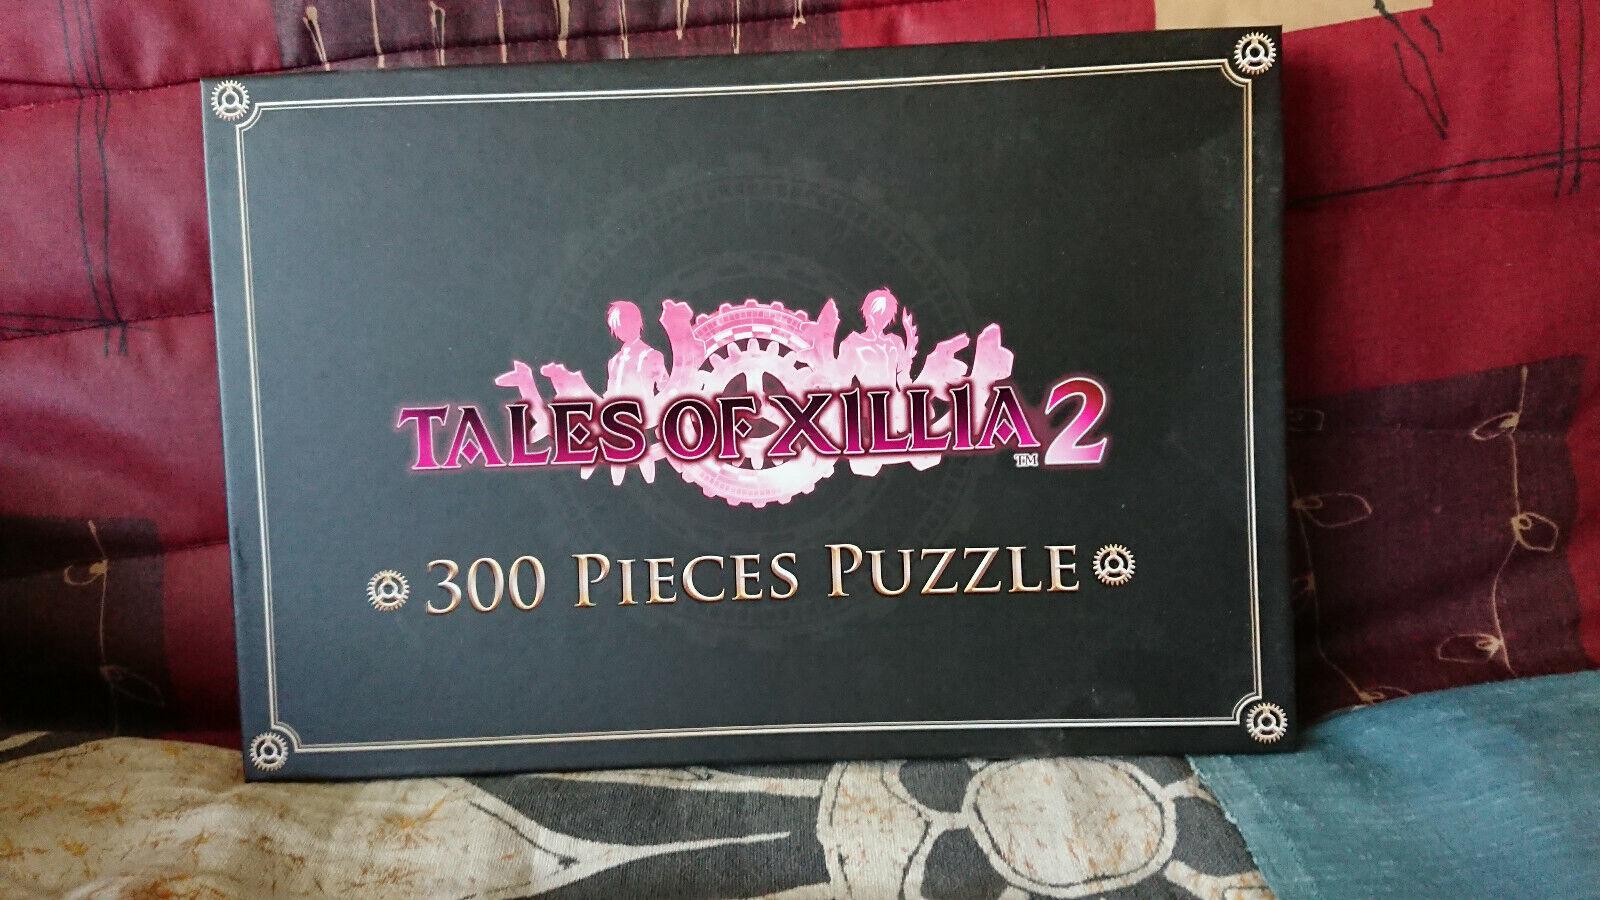 Tales of Xilia 2  Puzzle 300 pieces Playstation 3 PS3  consegna e reso gratuiti